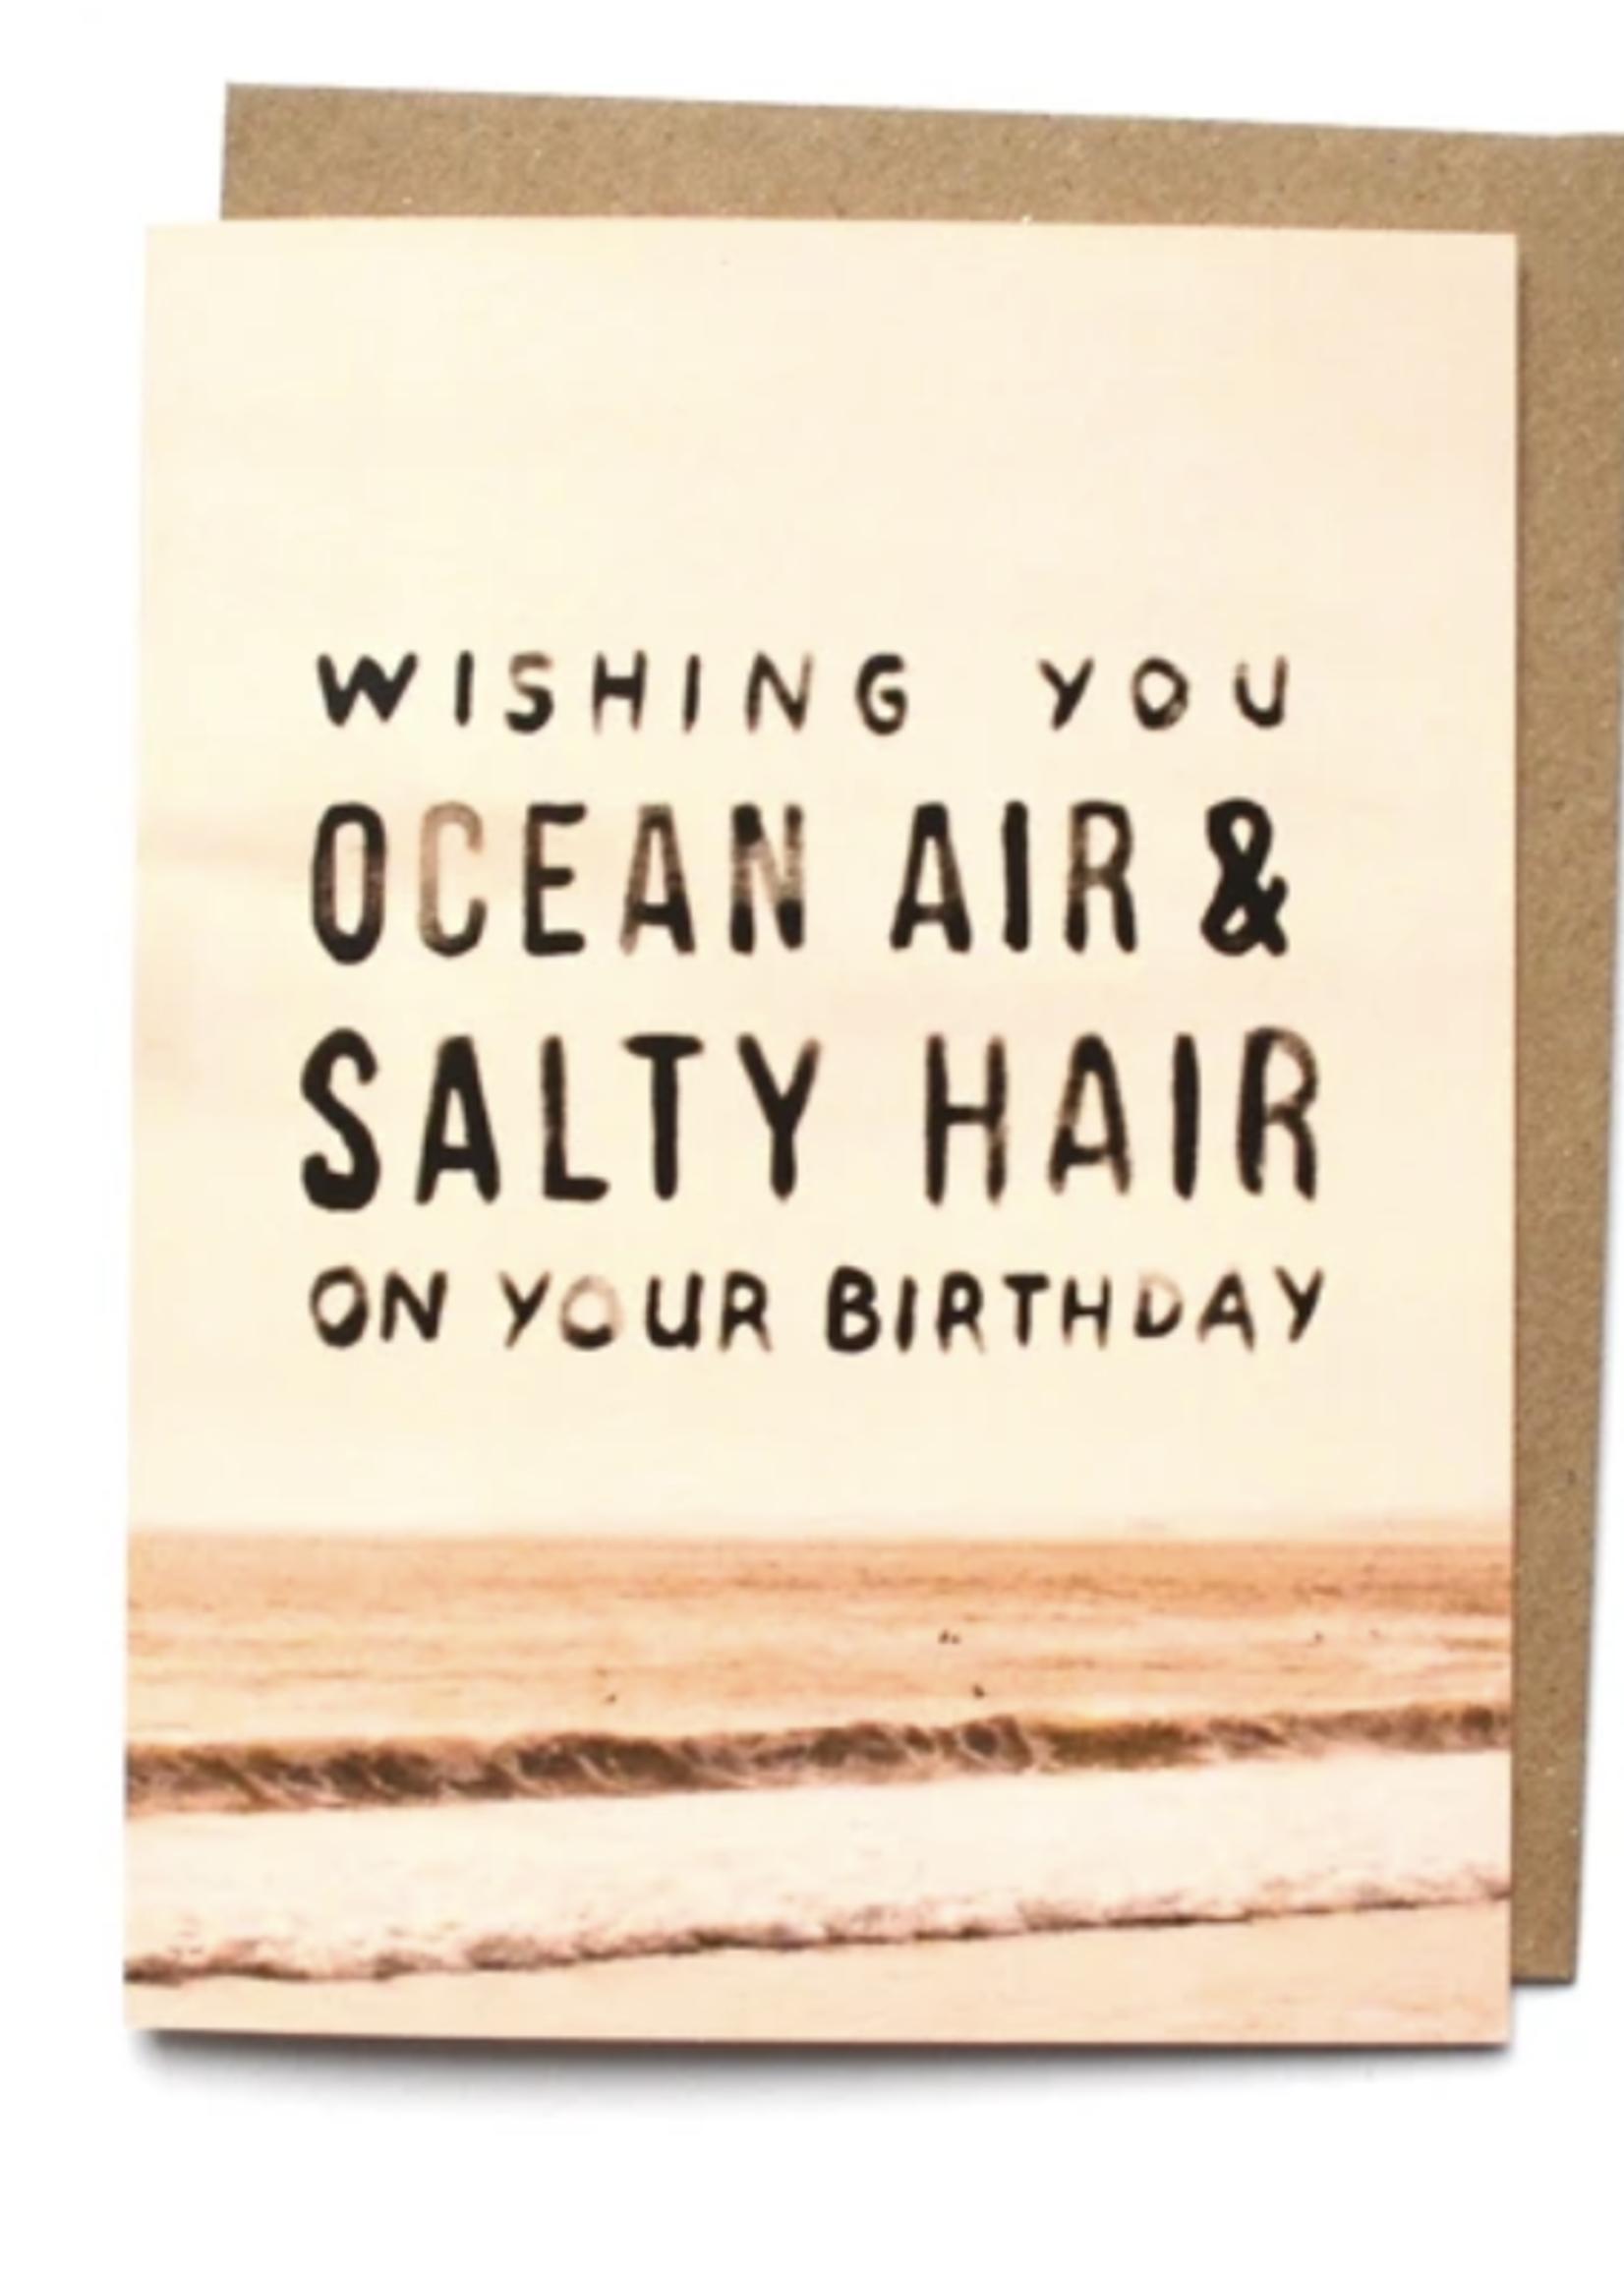 daydream prints ocean air salty hair card